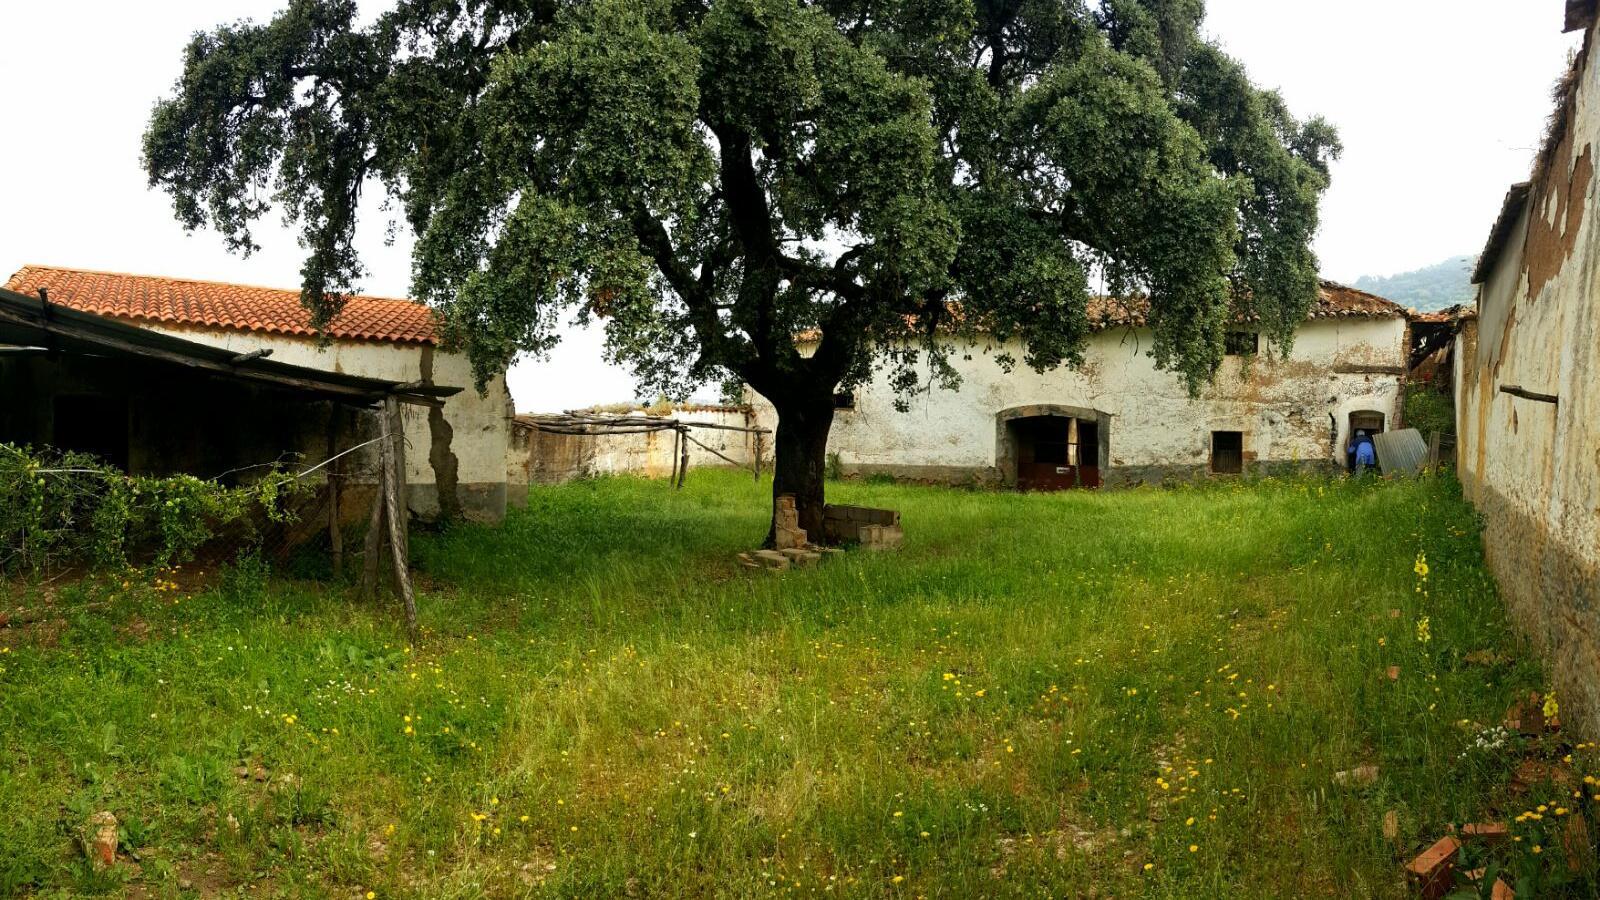 Schöne Finca mit Kork- und Kastanienbäumen